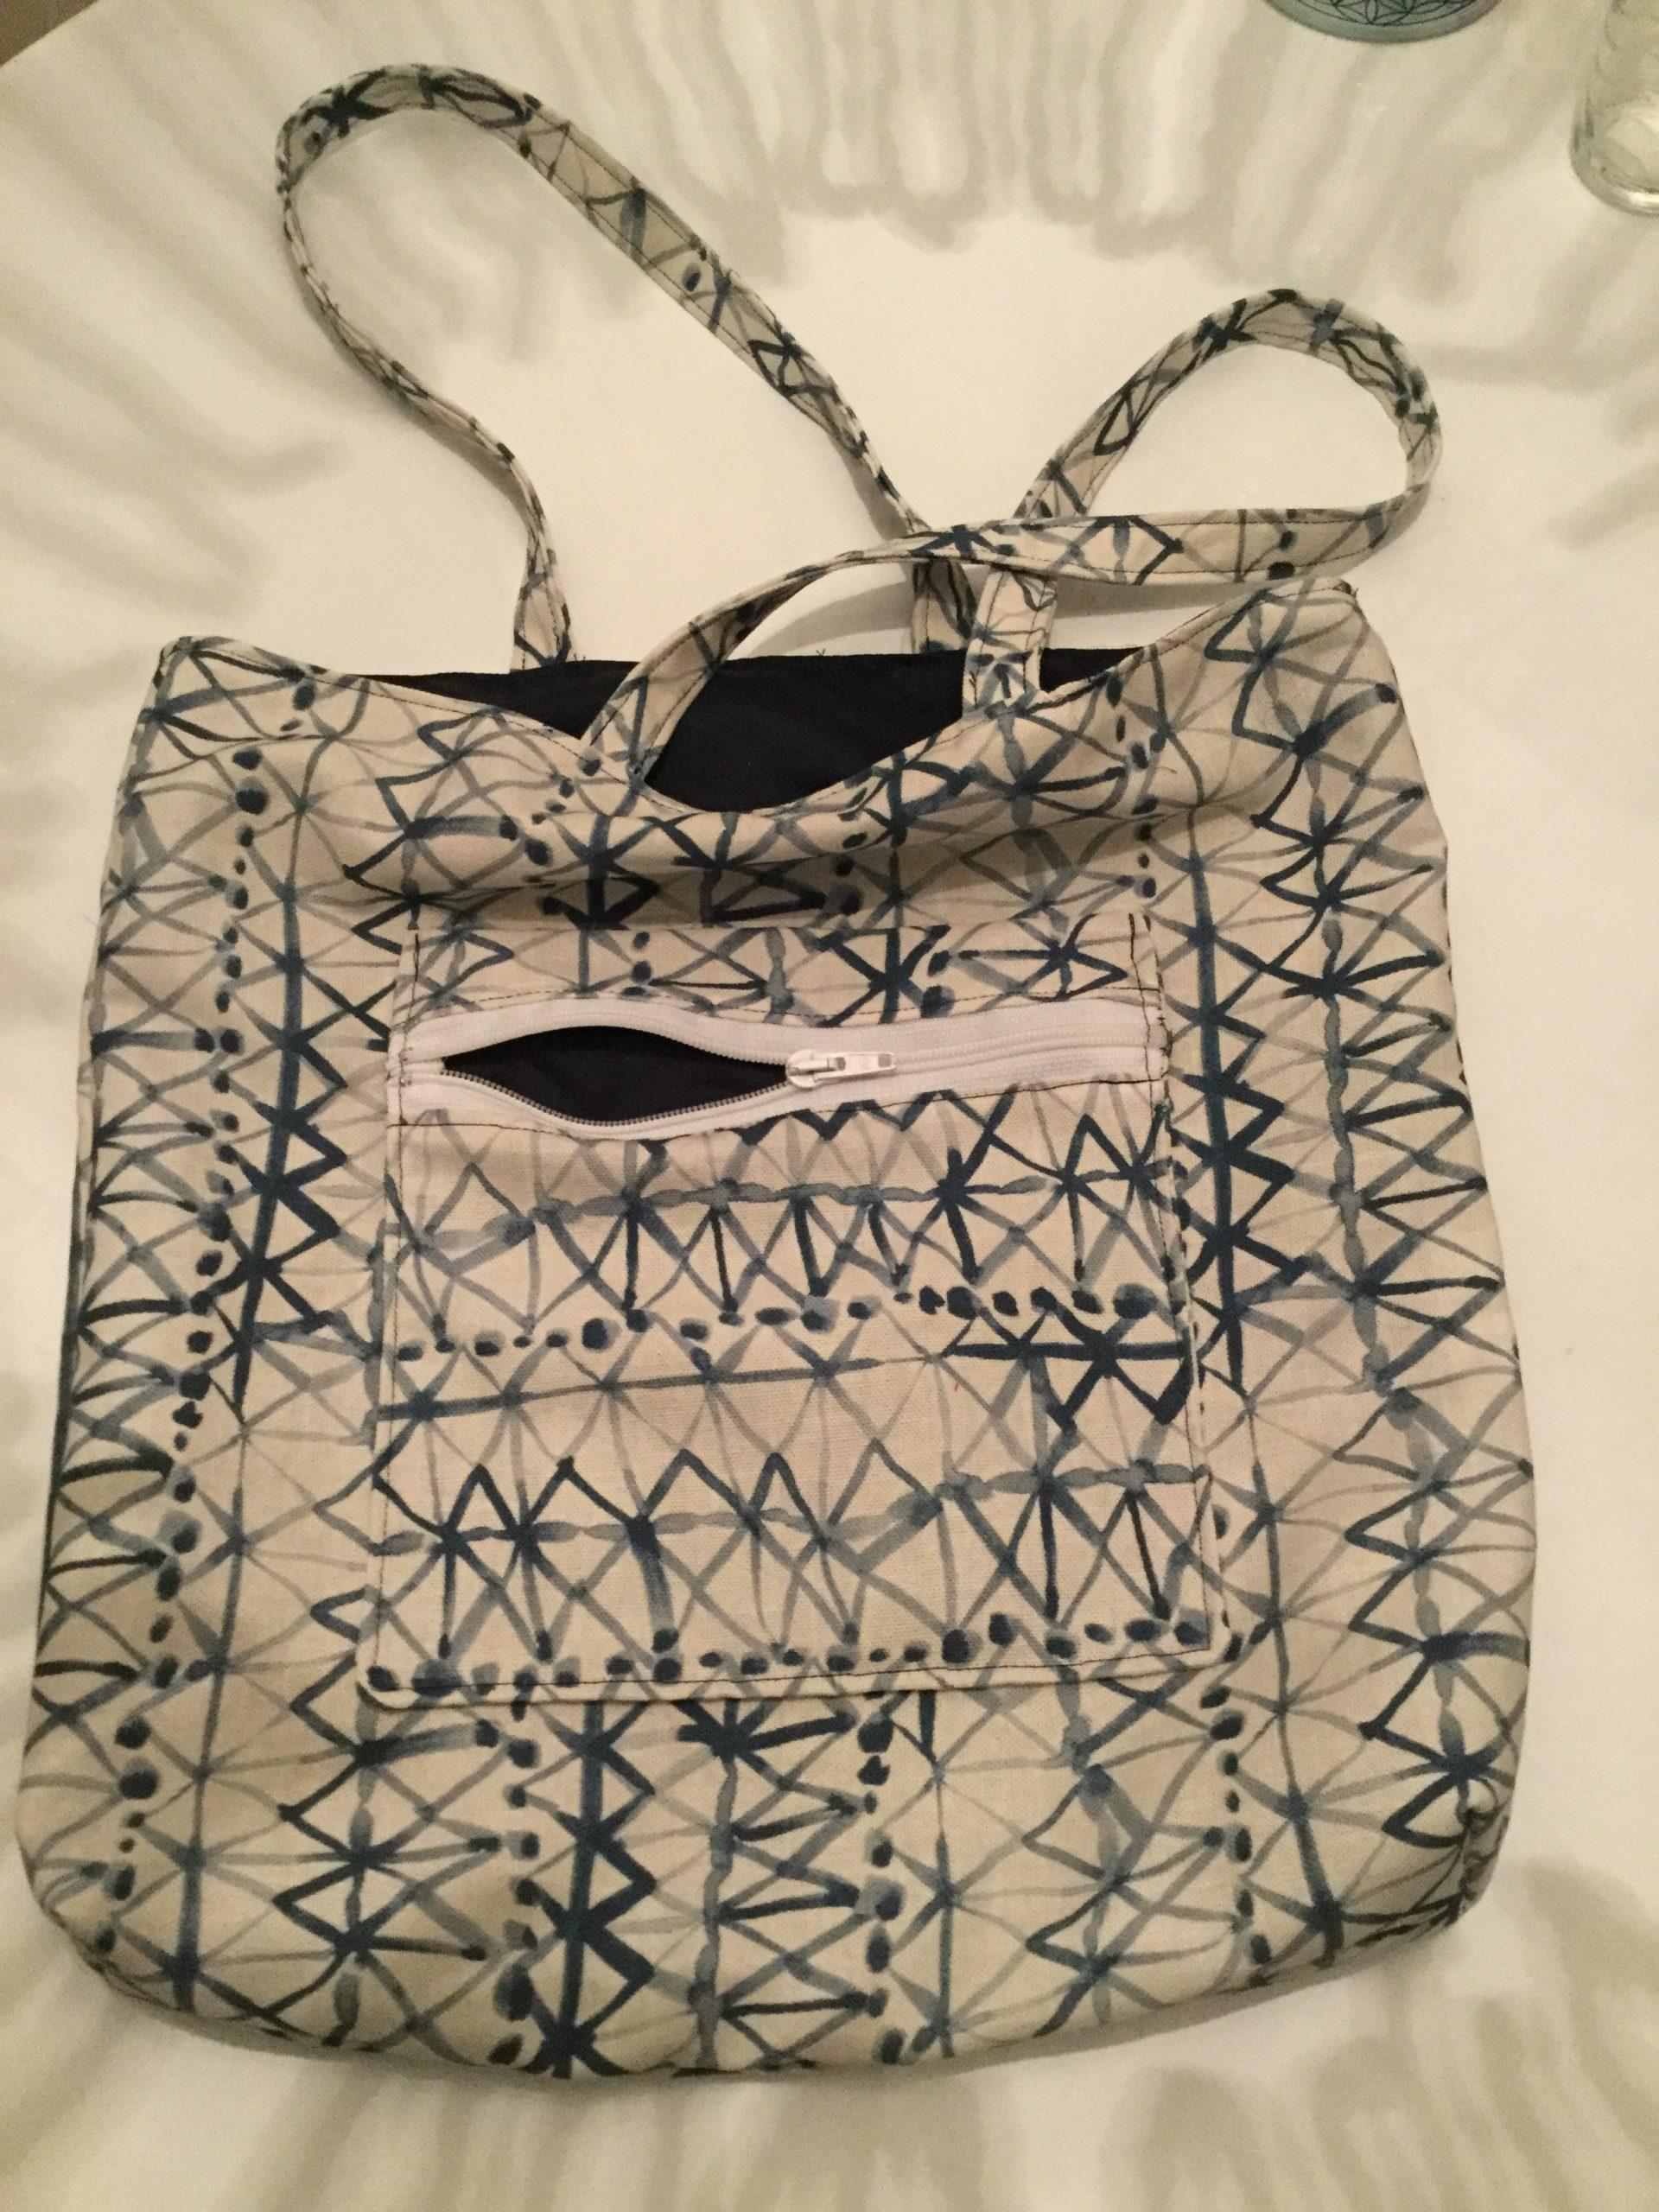 sac1 de NathaliG